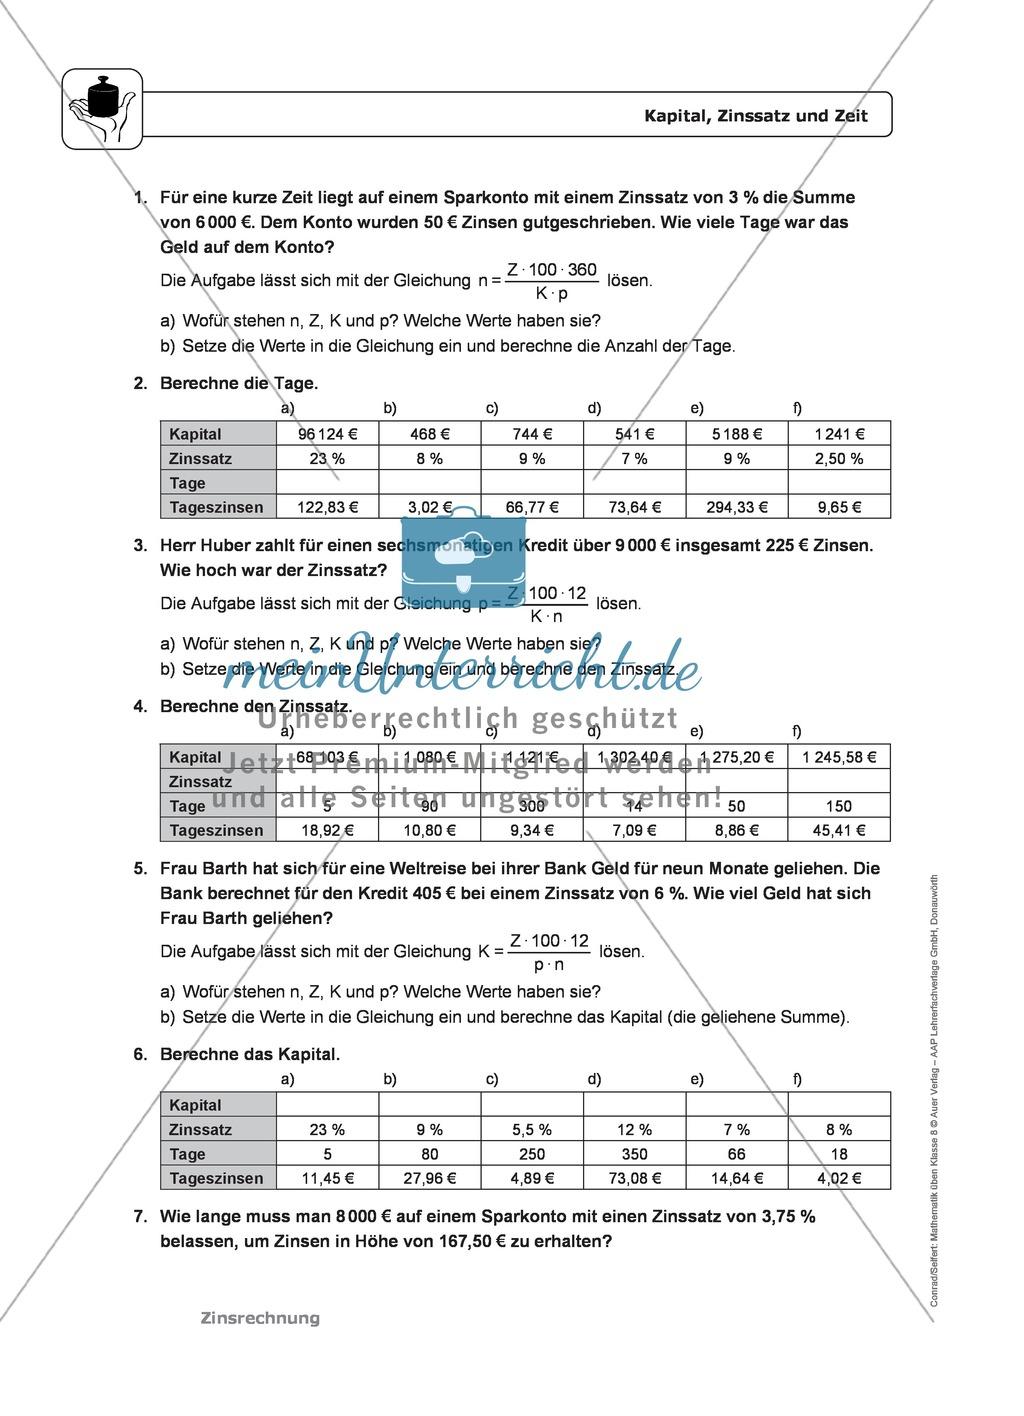 Zinsrechnung: Monatszinsen und Tageszinsen - Infotext + Beispiele + differenzierte Aufgaben + Lösungen Preview 4